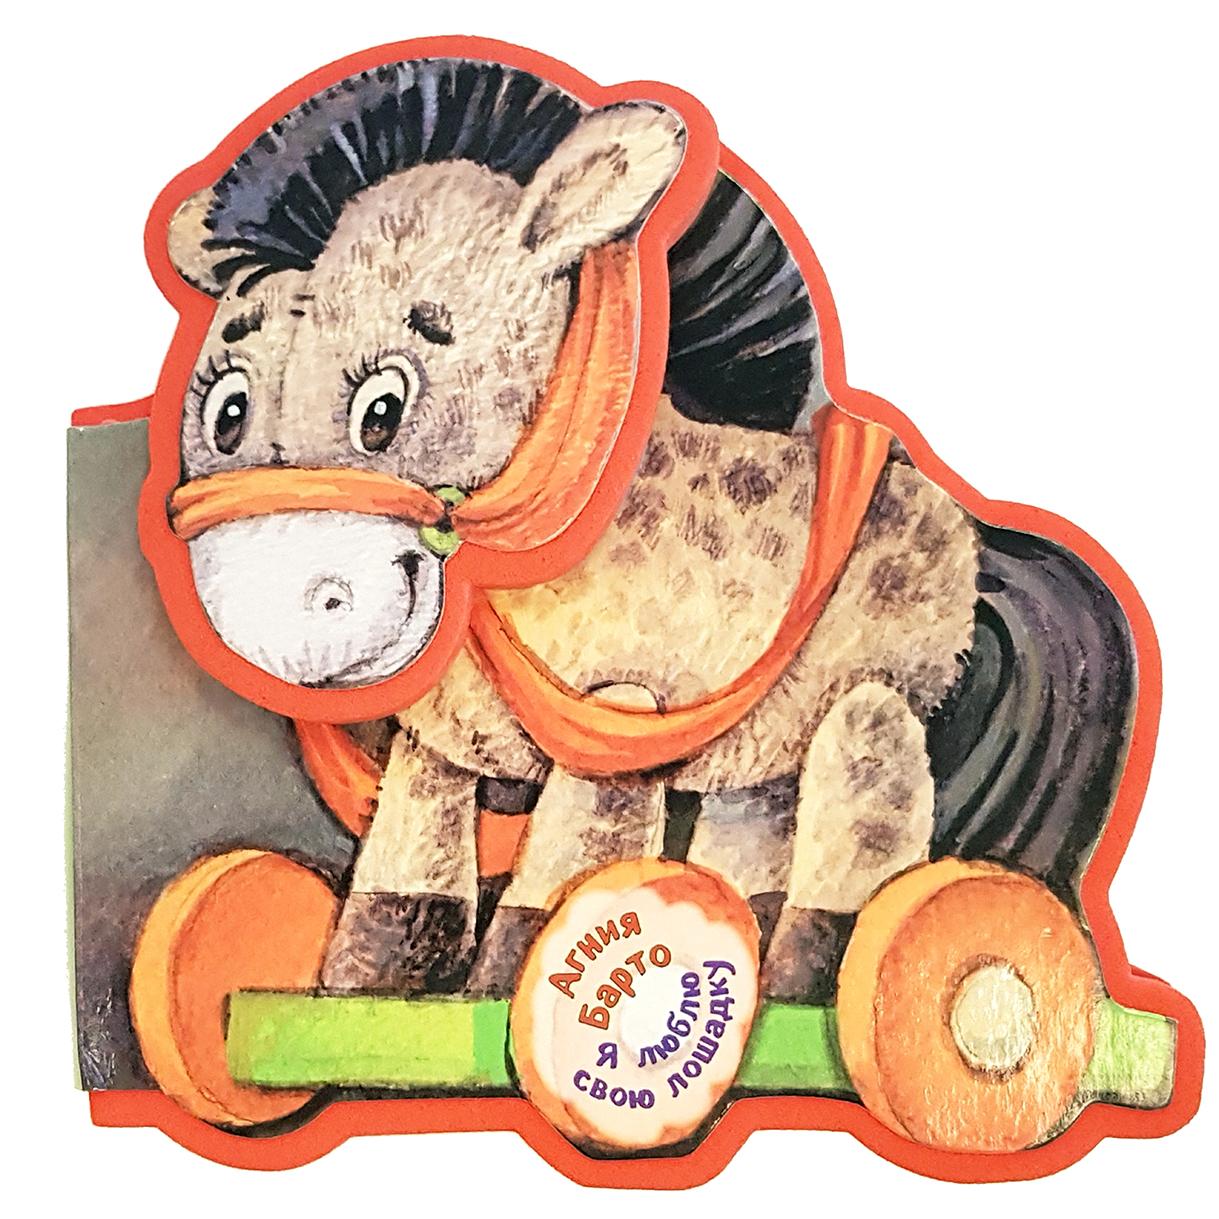 Агния Барто Я люблю свою лошадку барто агния львовна и другие маршак самуил яковлевич сказки и стихи про новый год